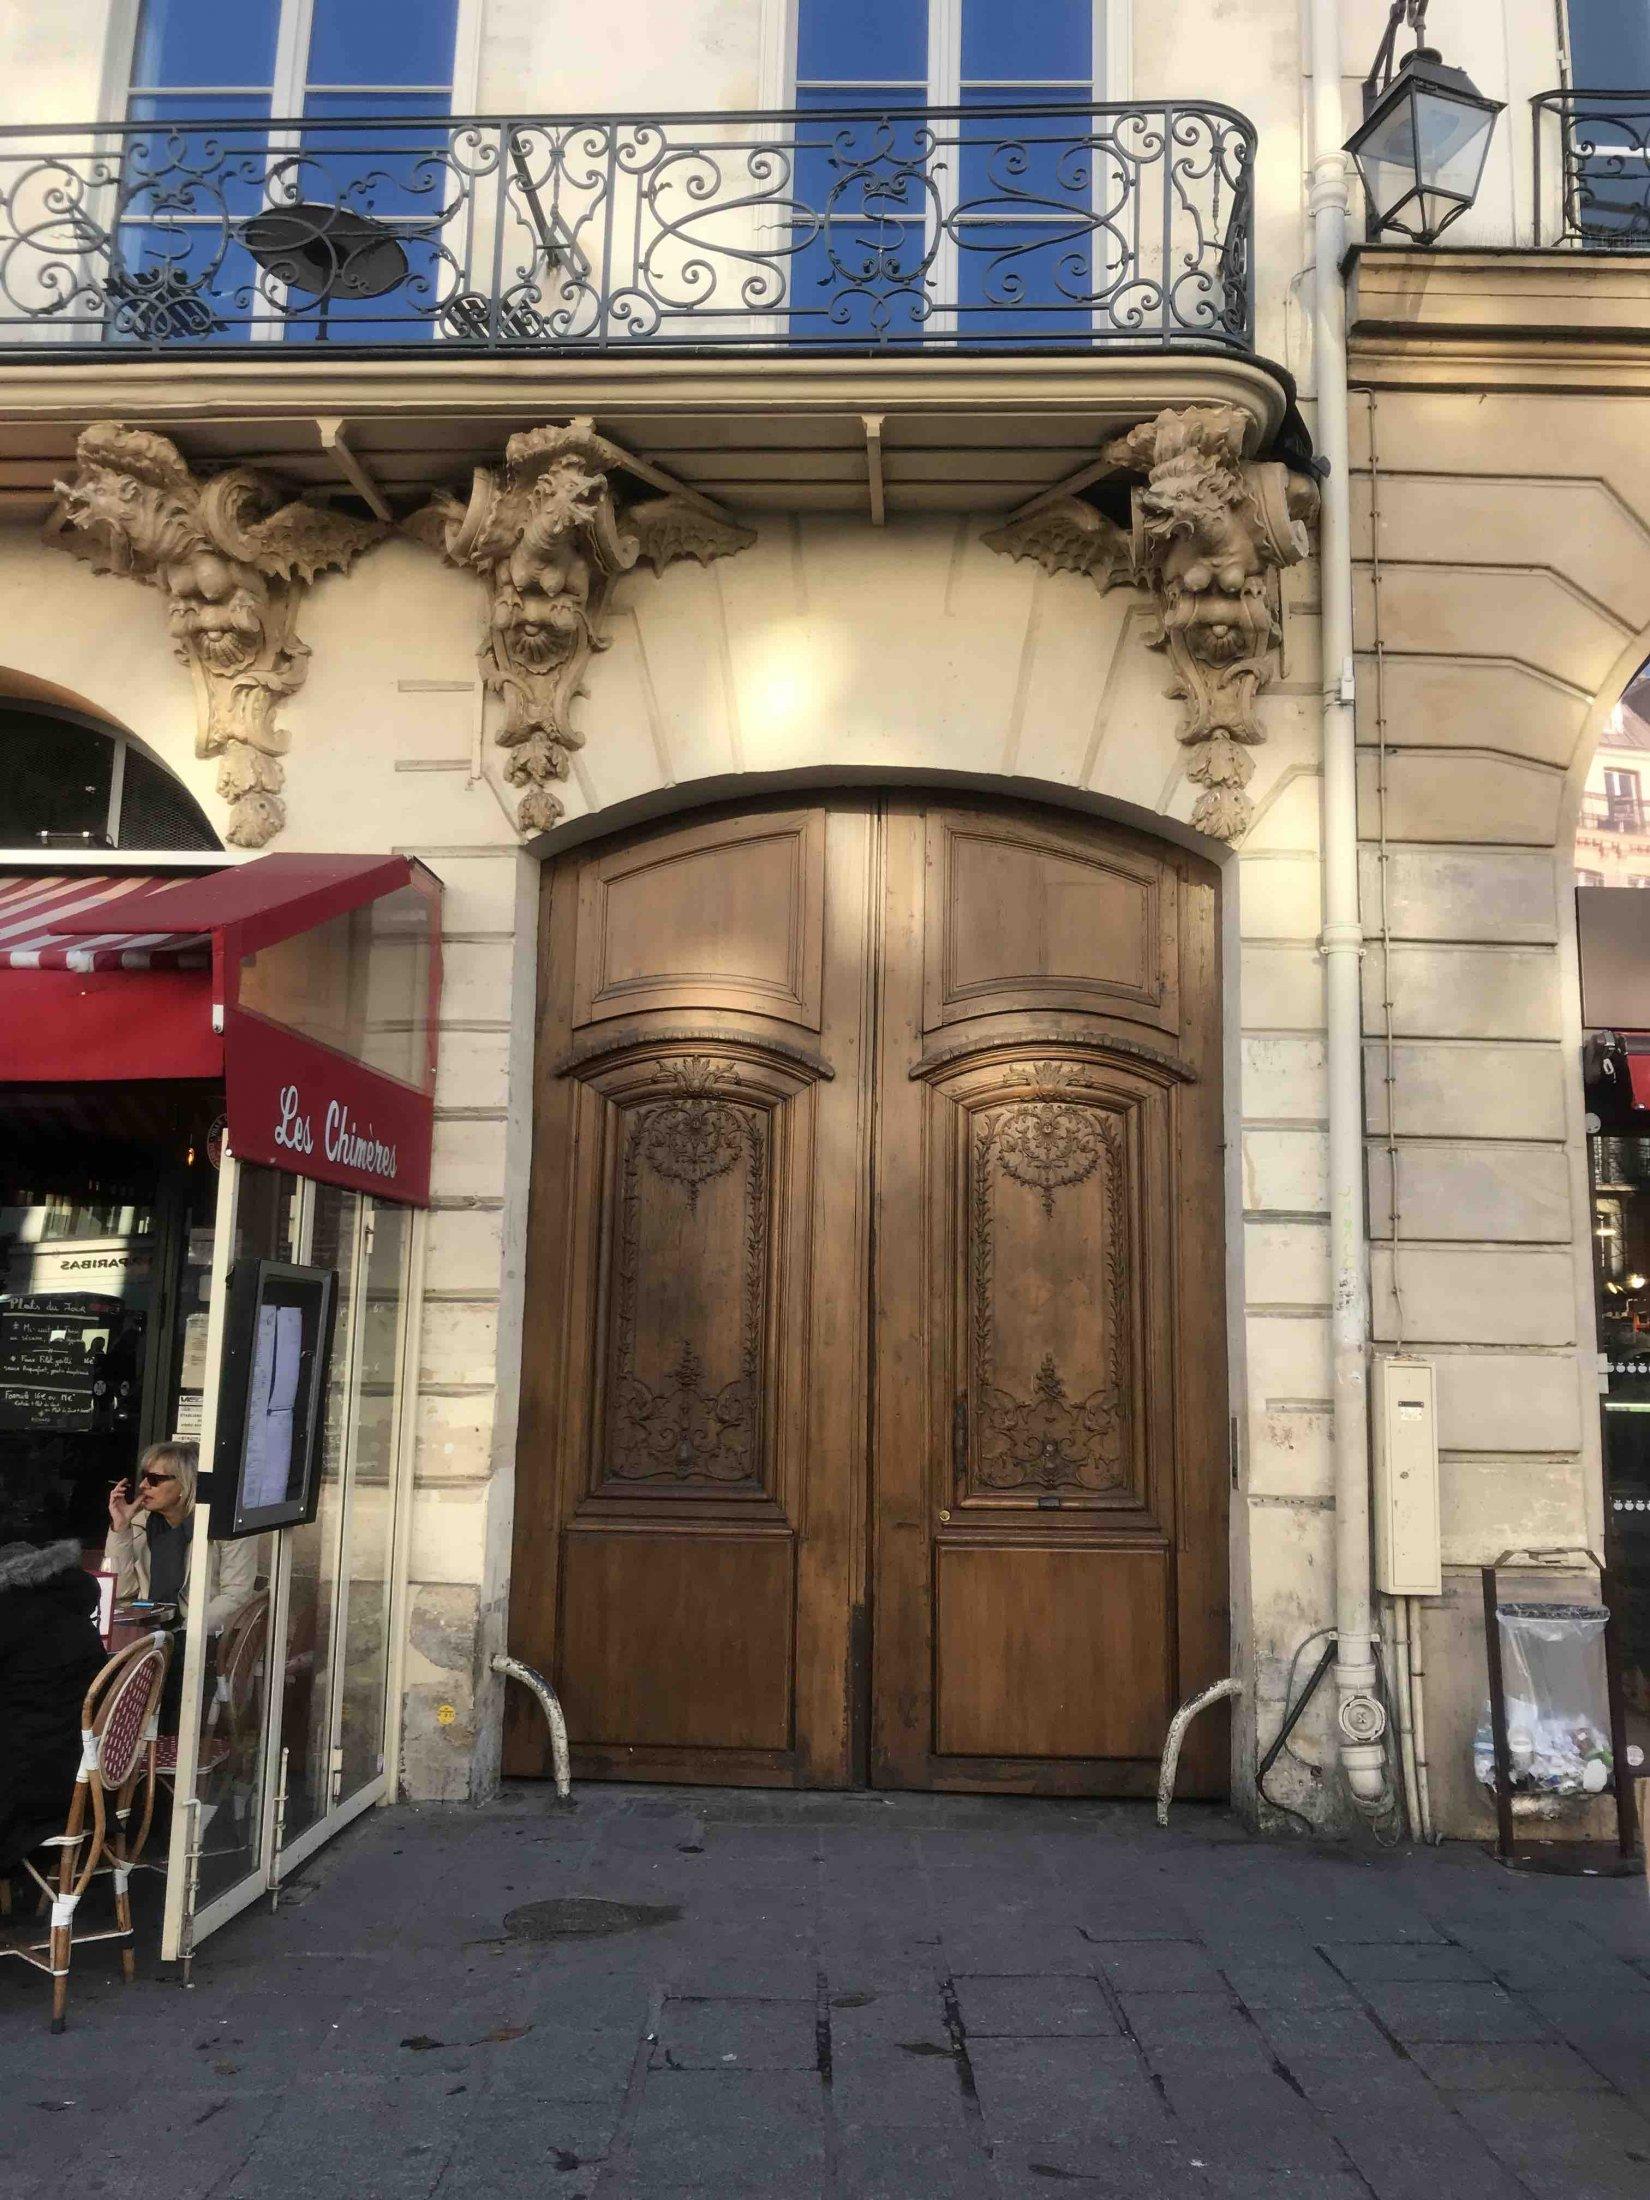 133 rue saint antoine paris 4 atelier de menuiserie. Black Bedroom Furniture Sets. Home Design Ideas